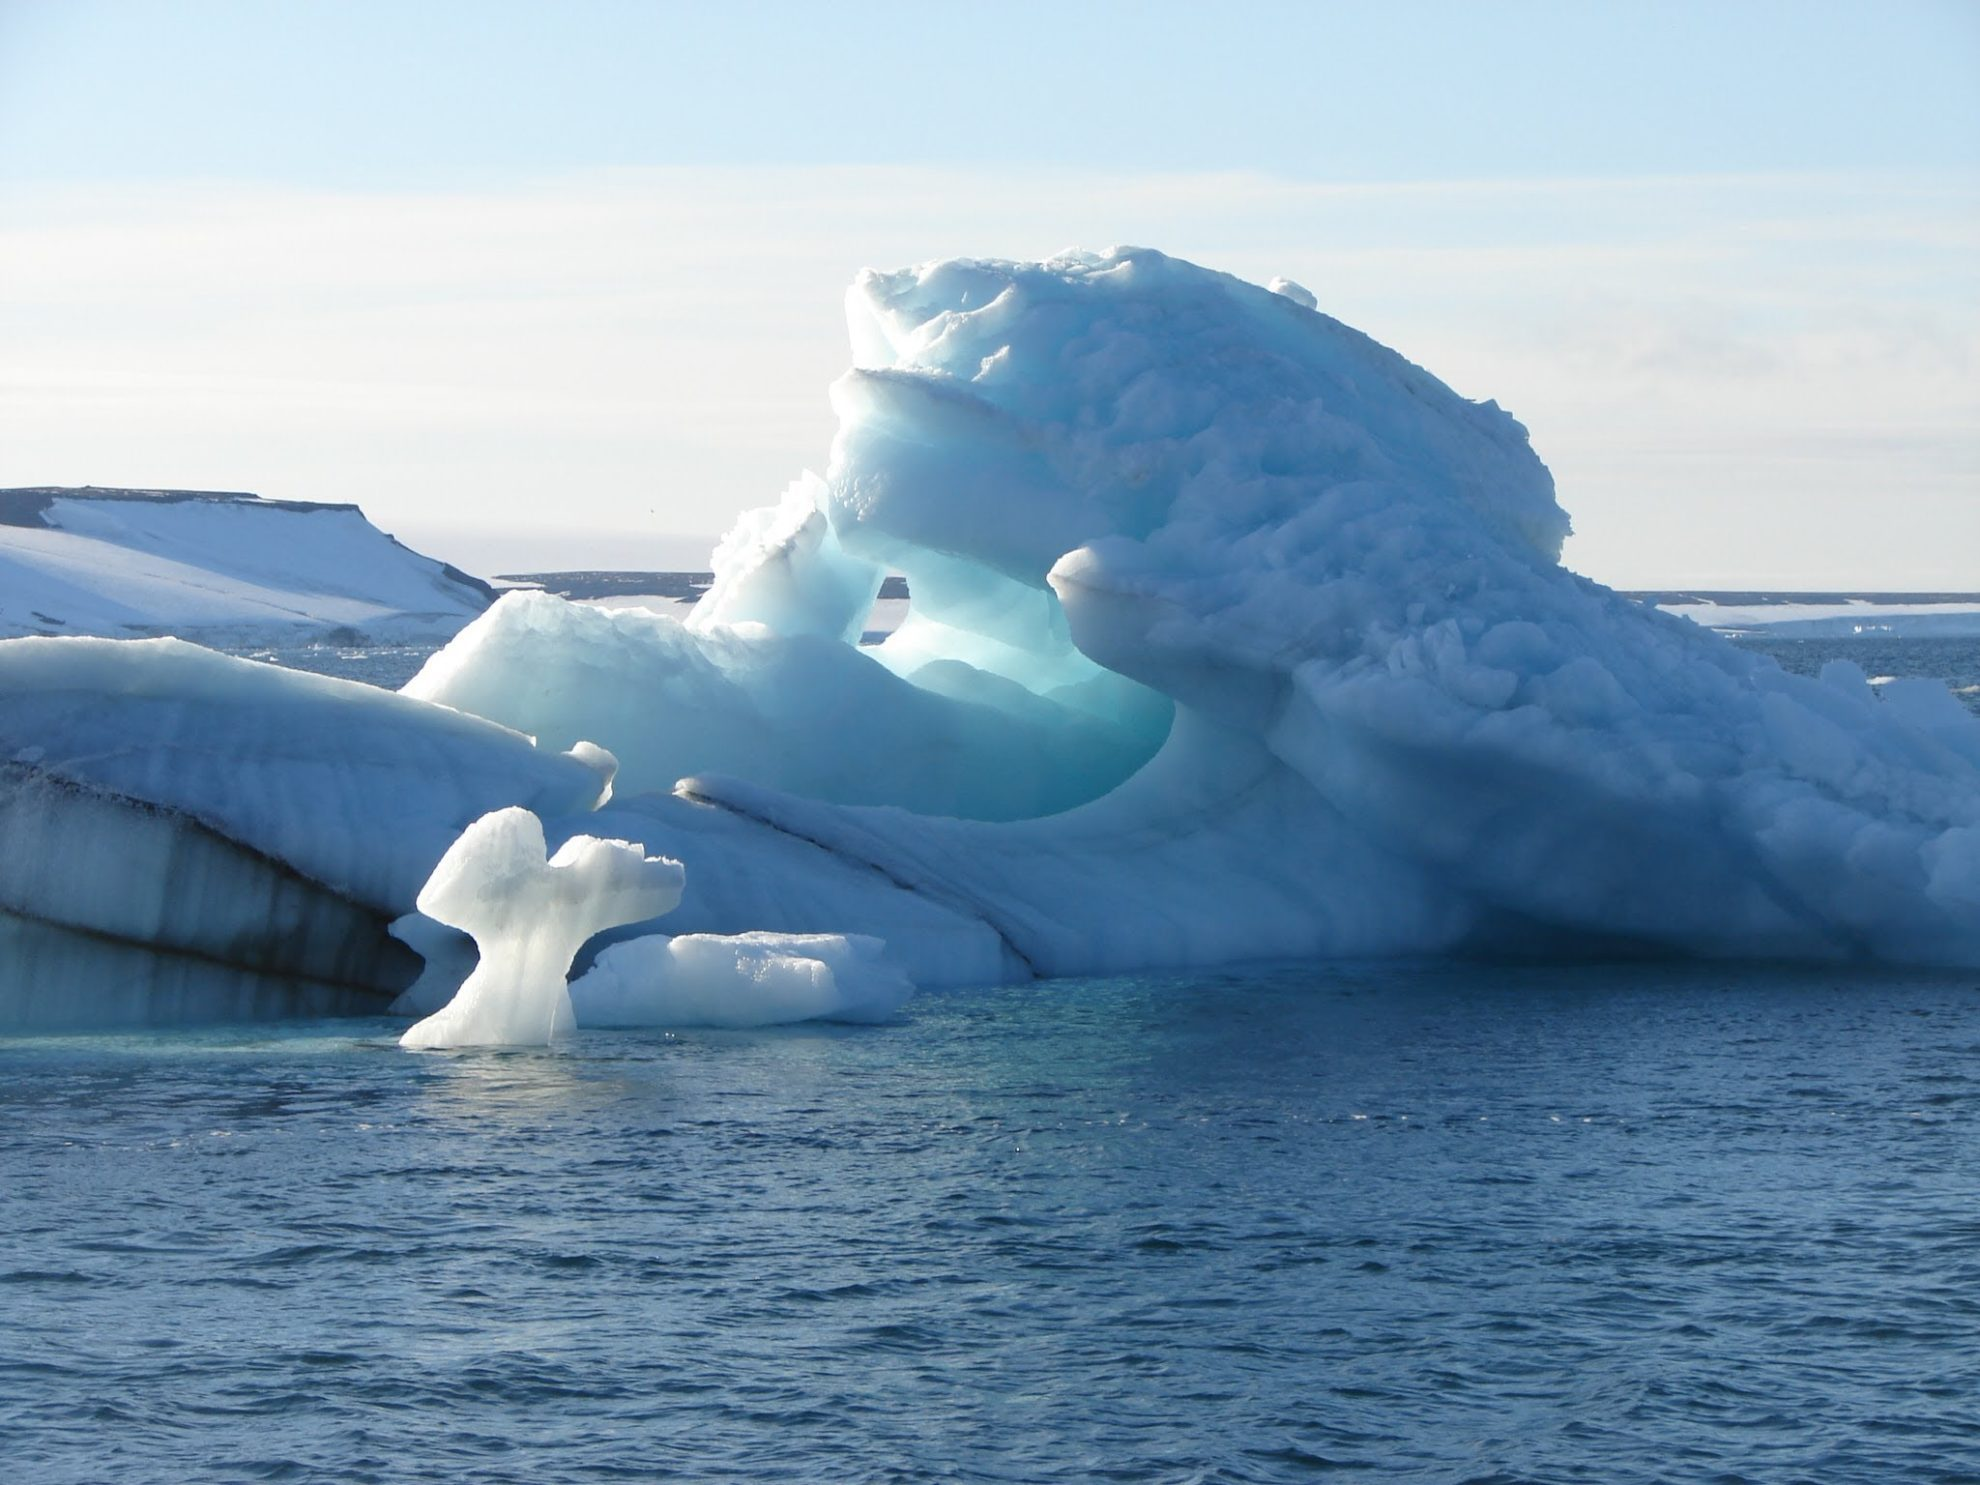 Айсберги в океане.